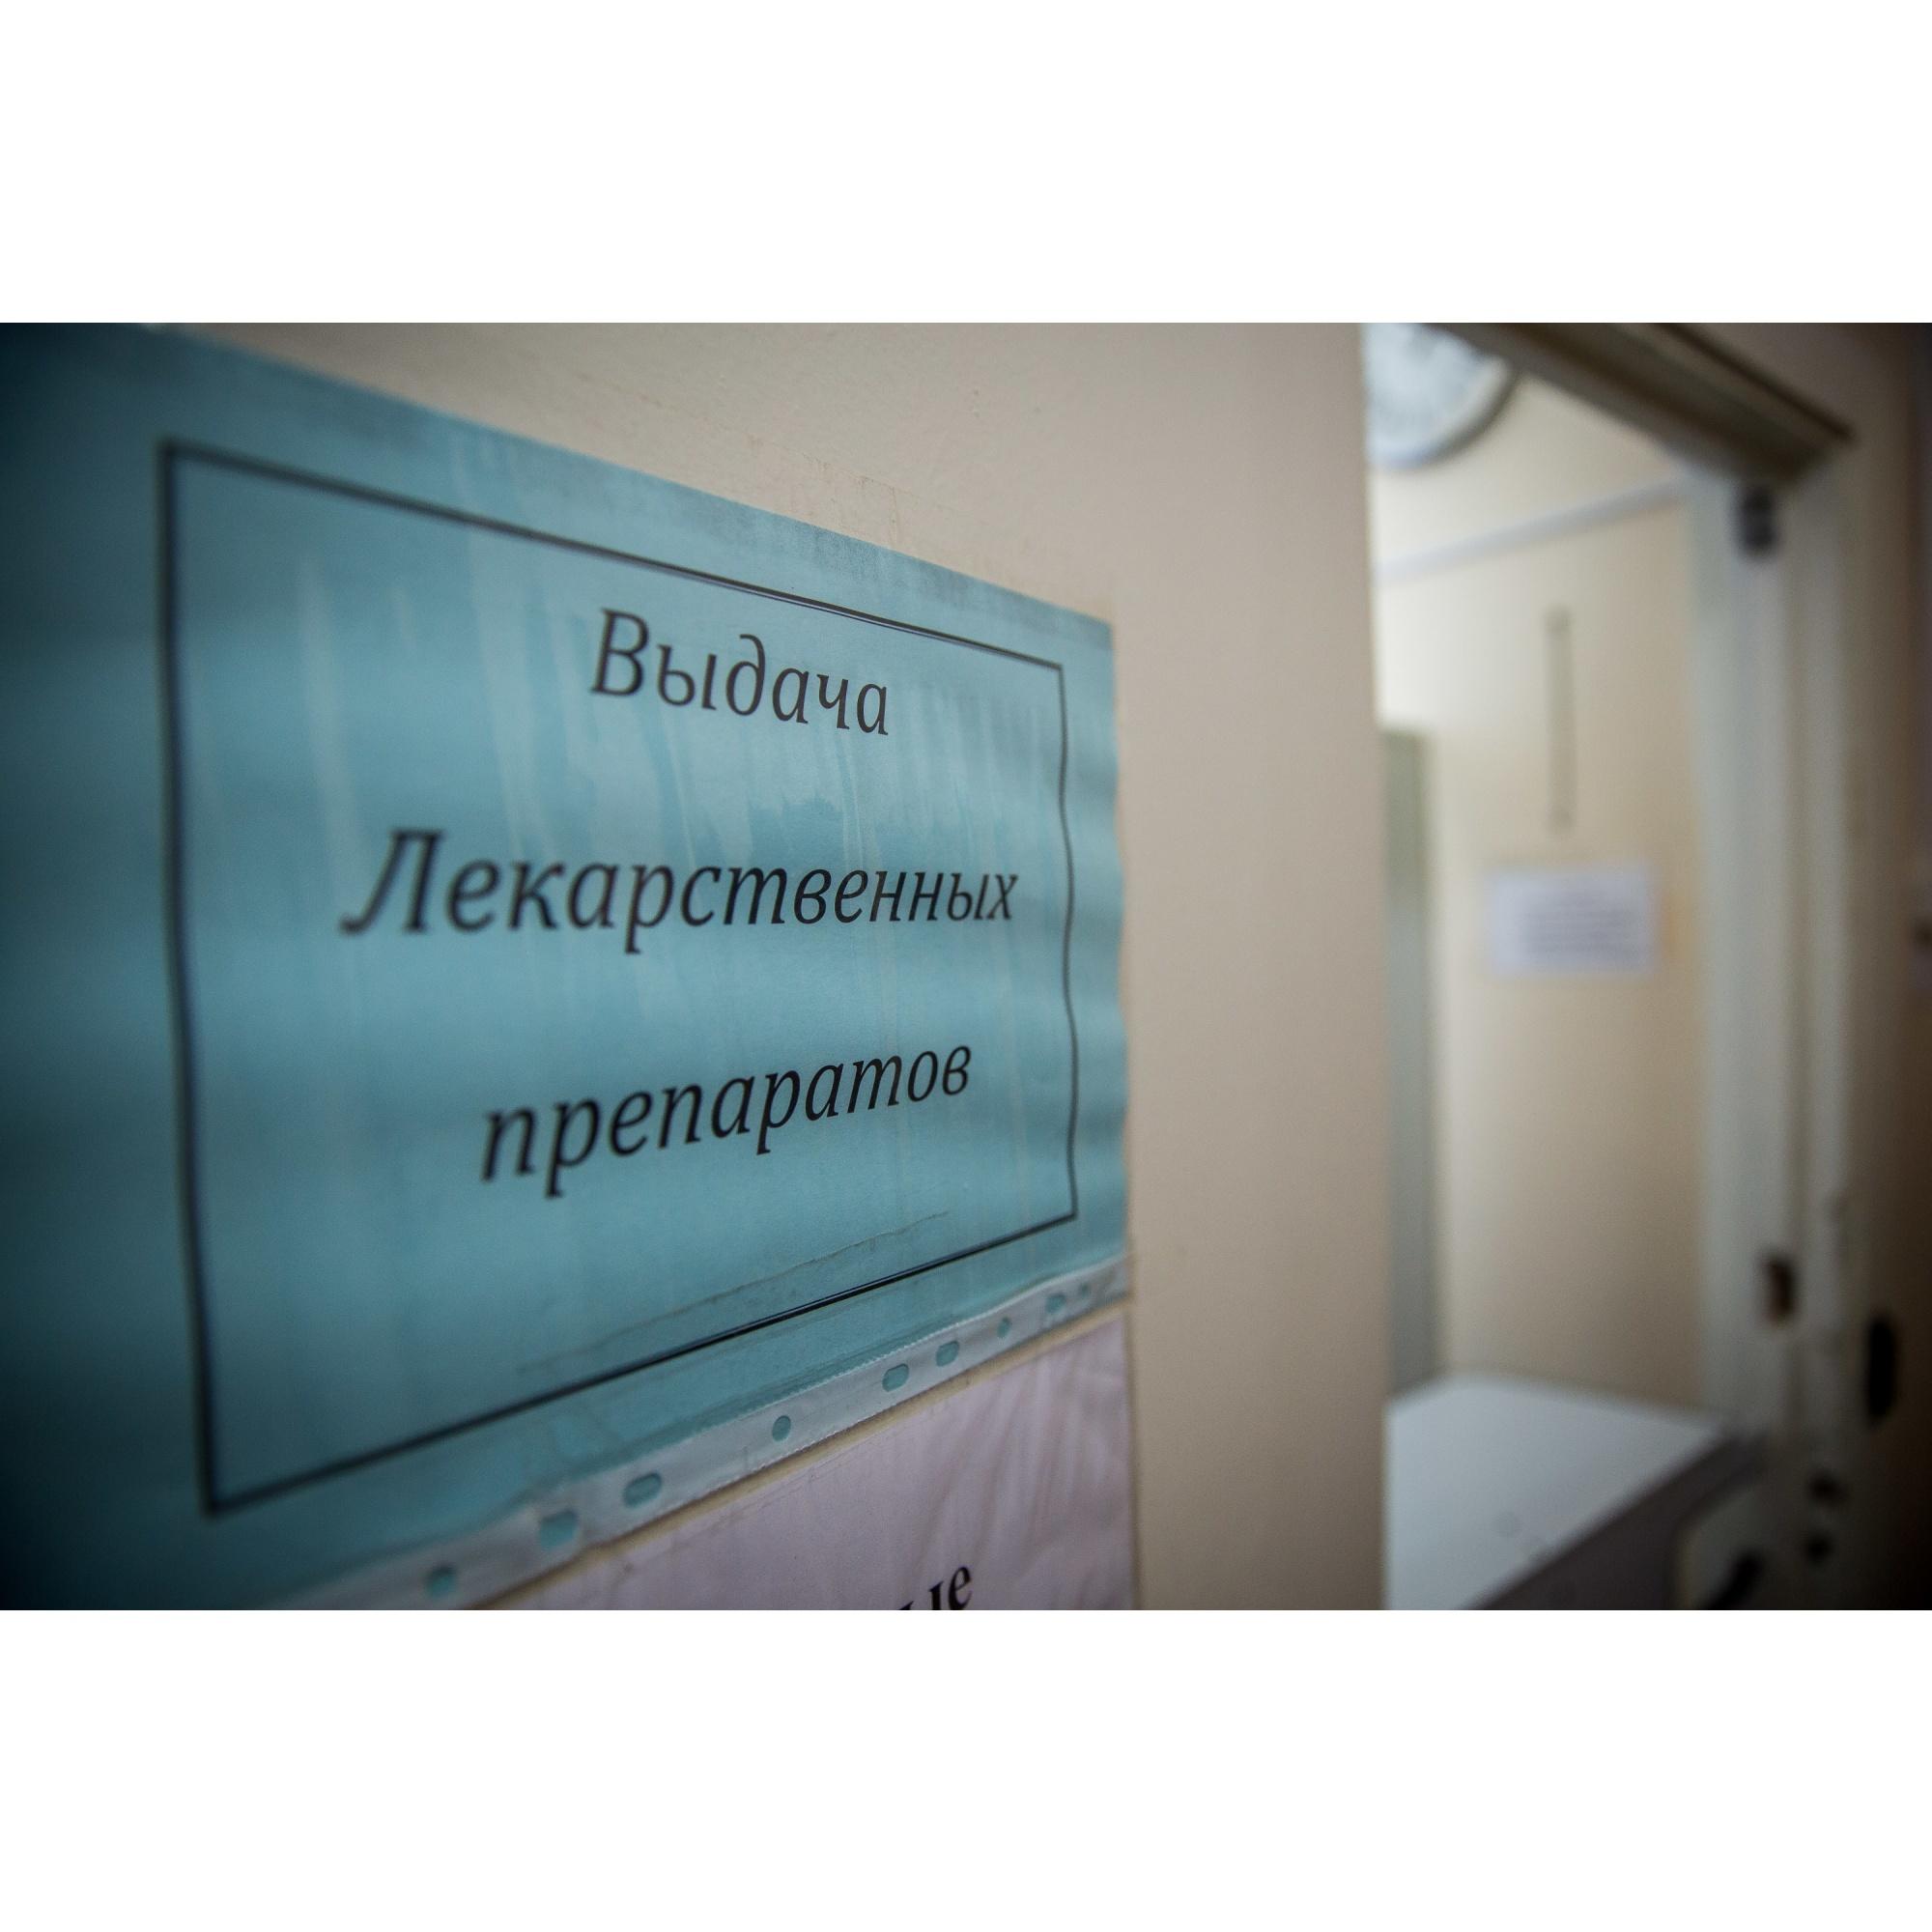 Препараты также выдают с 8:00 до 20:00, заверило руководство центра